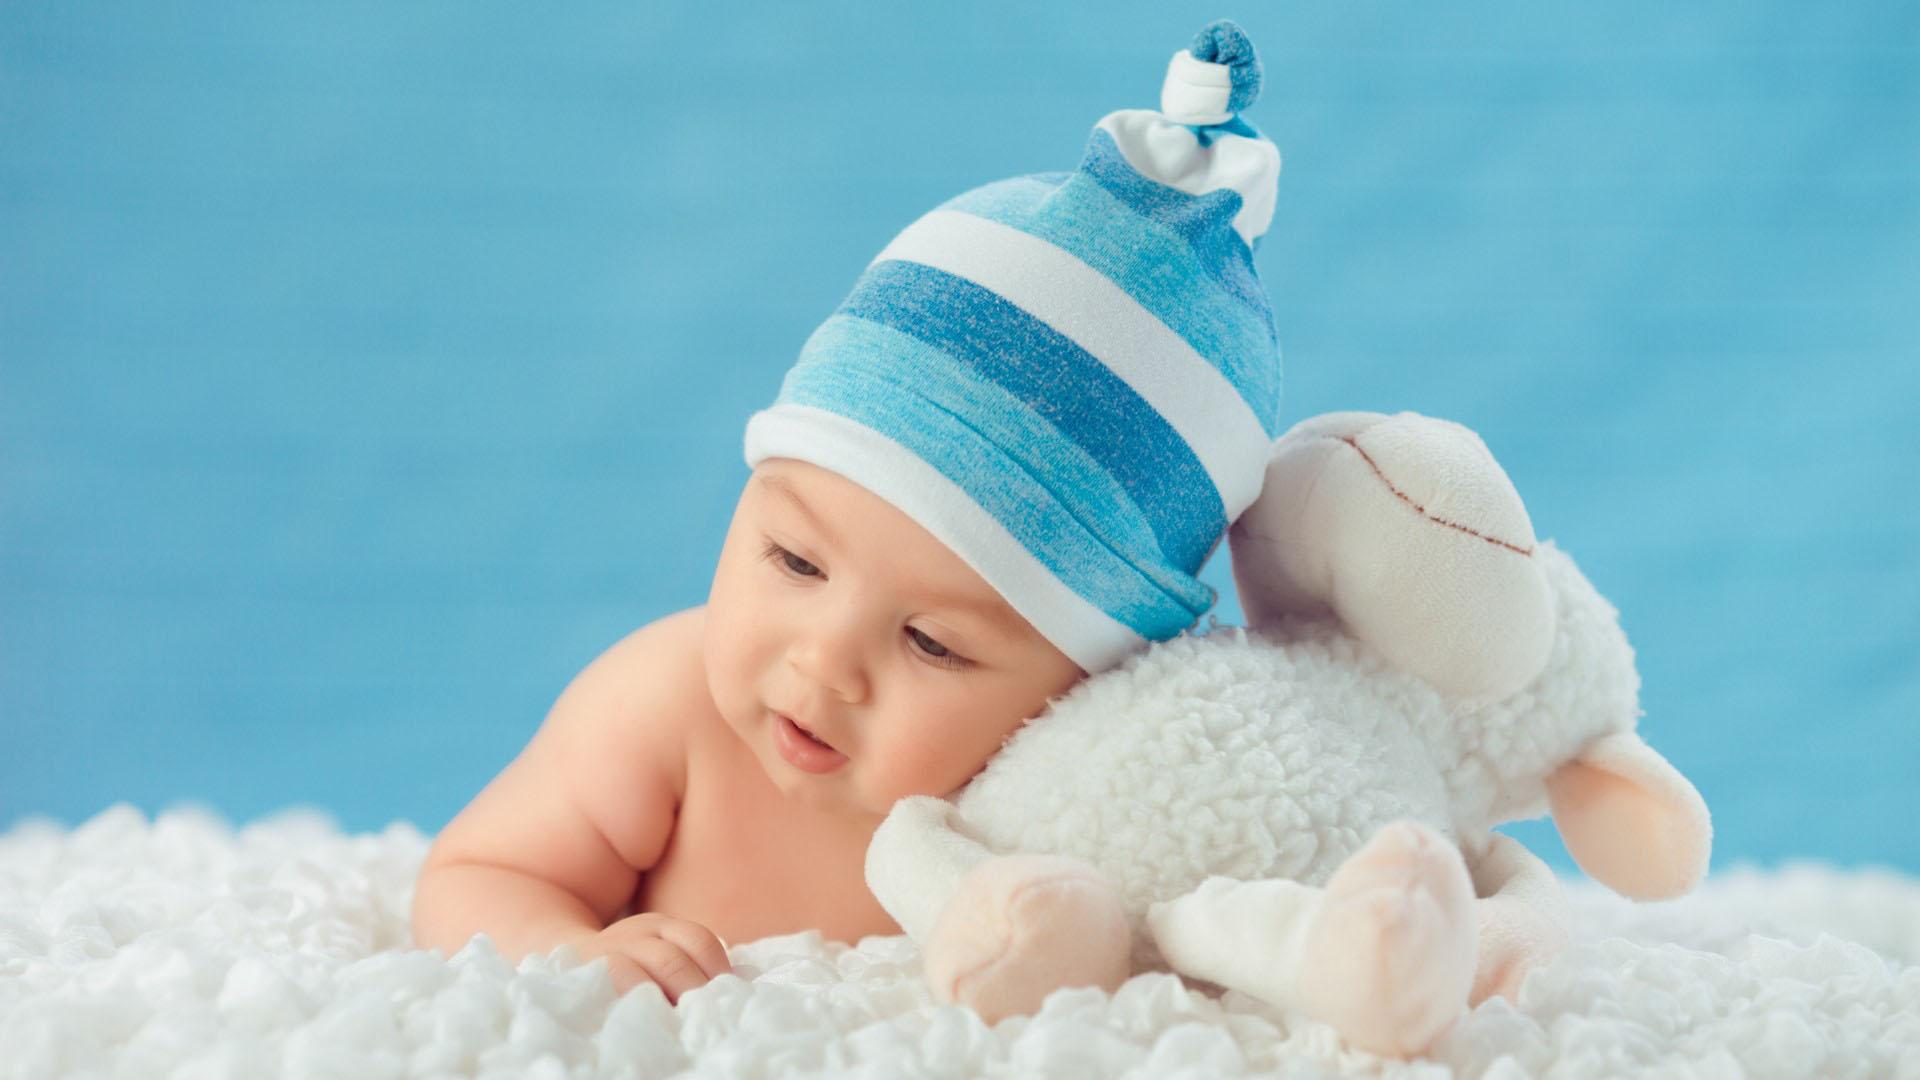 6 Aylık Bebeklerin Gelişimine Katkıda Bulunacak En İyi 13Oyuncak